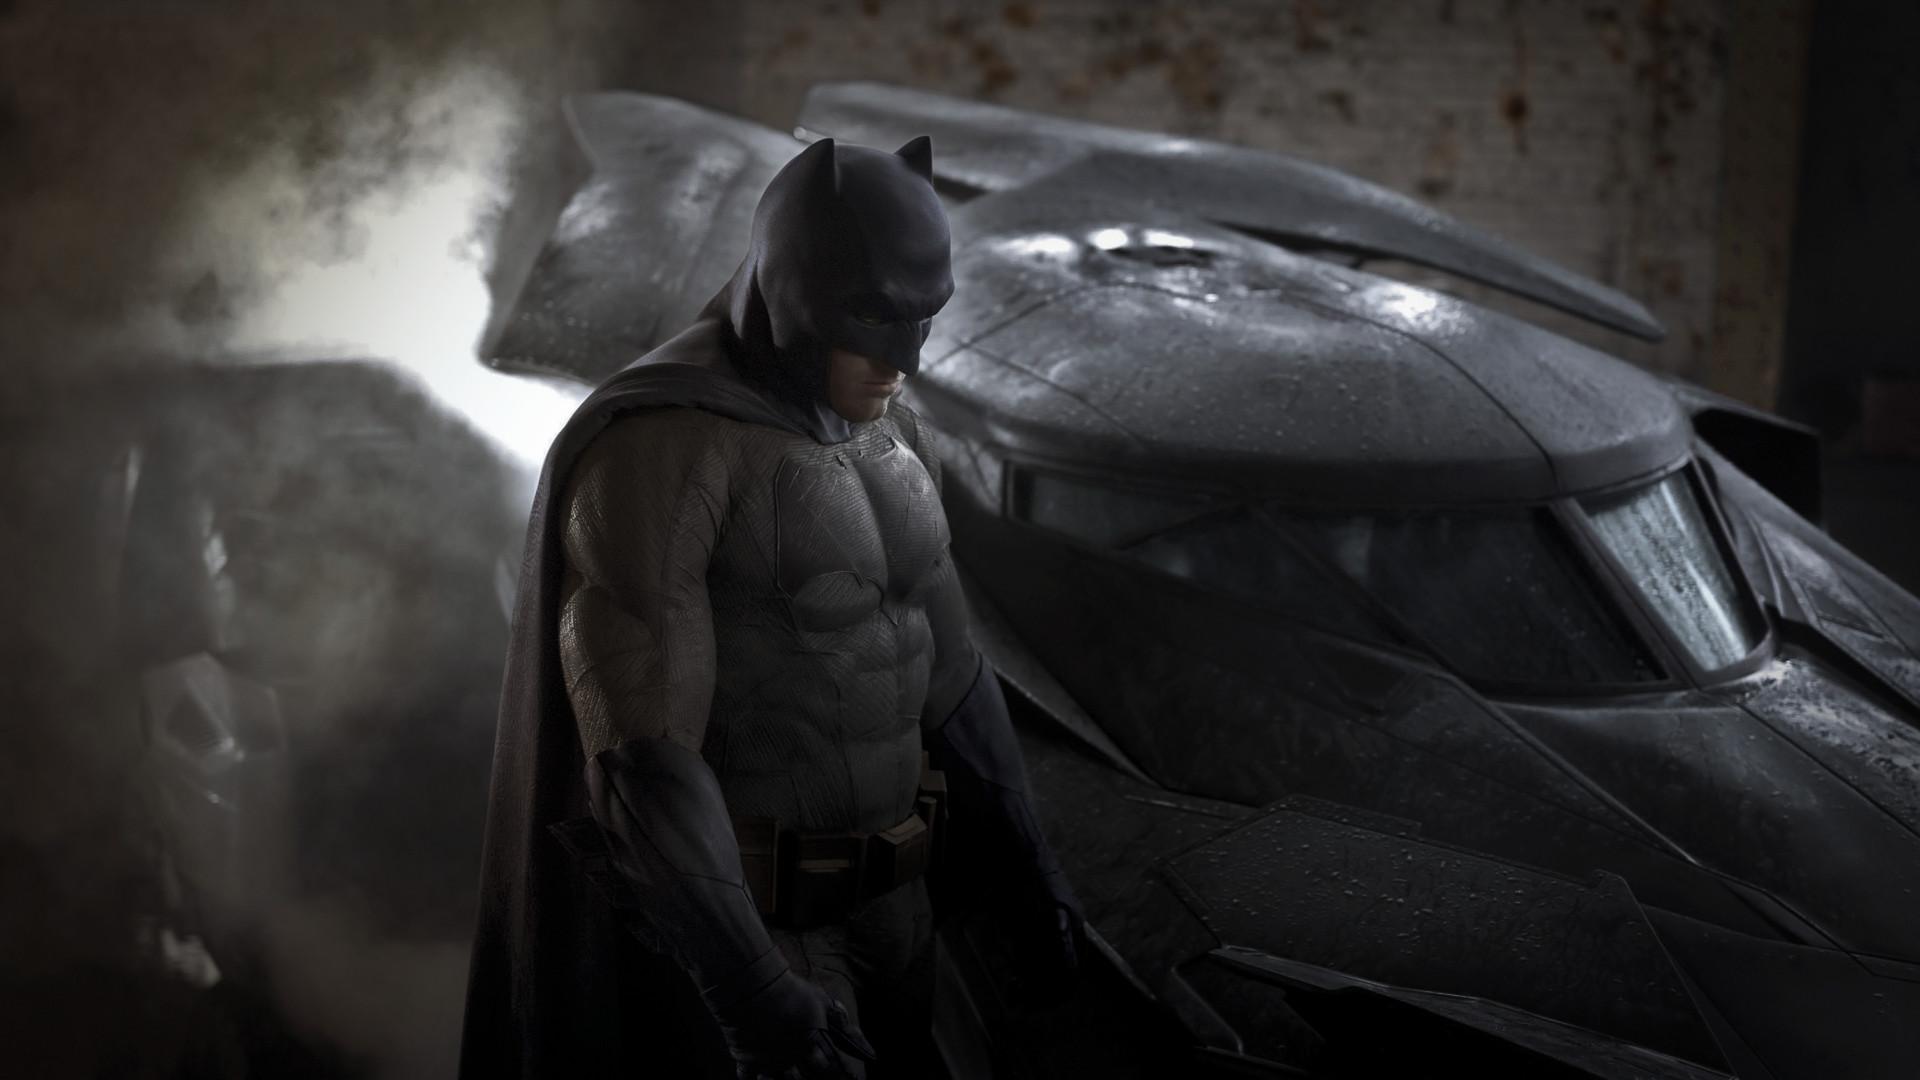 New Batman Wallpaper 61 Images